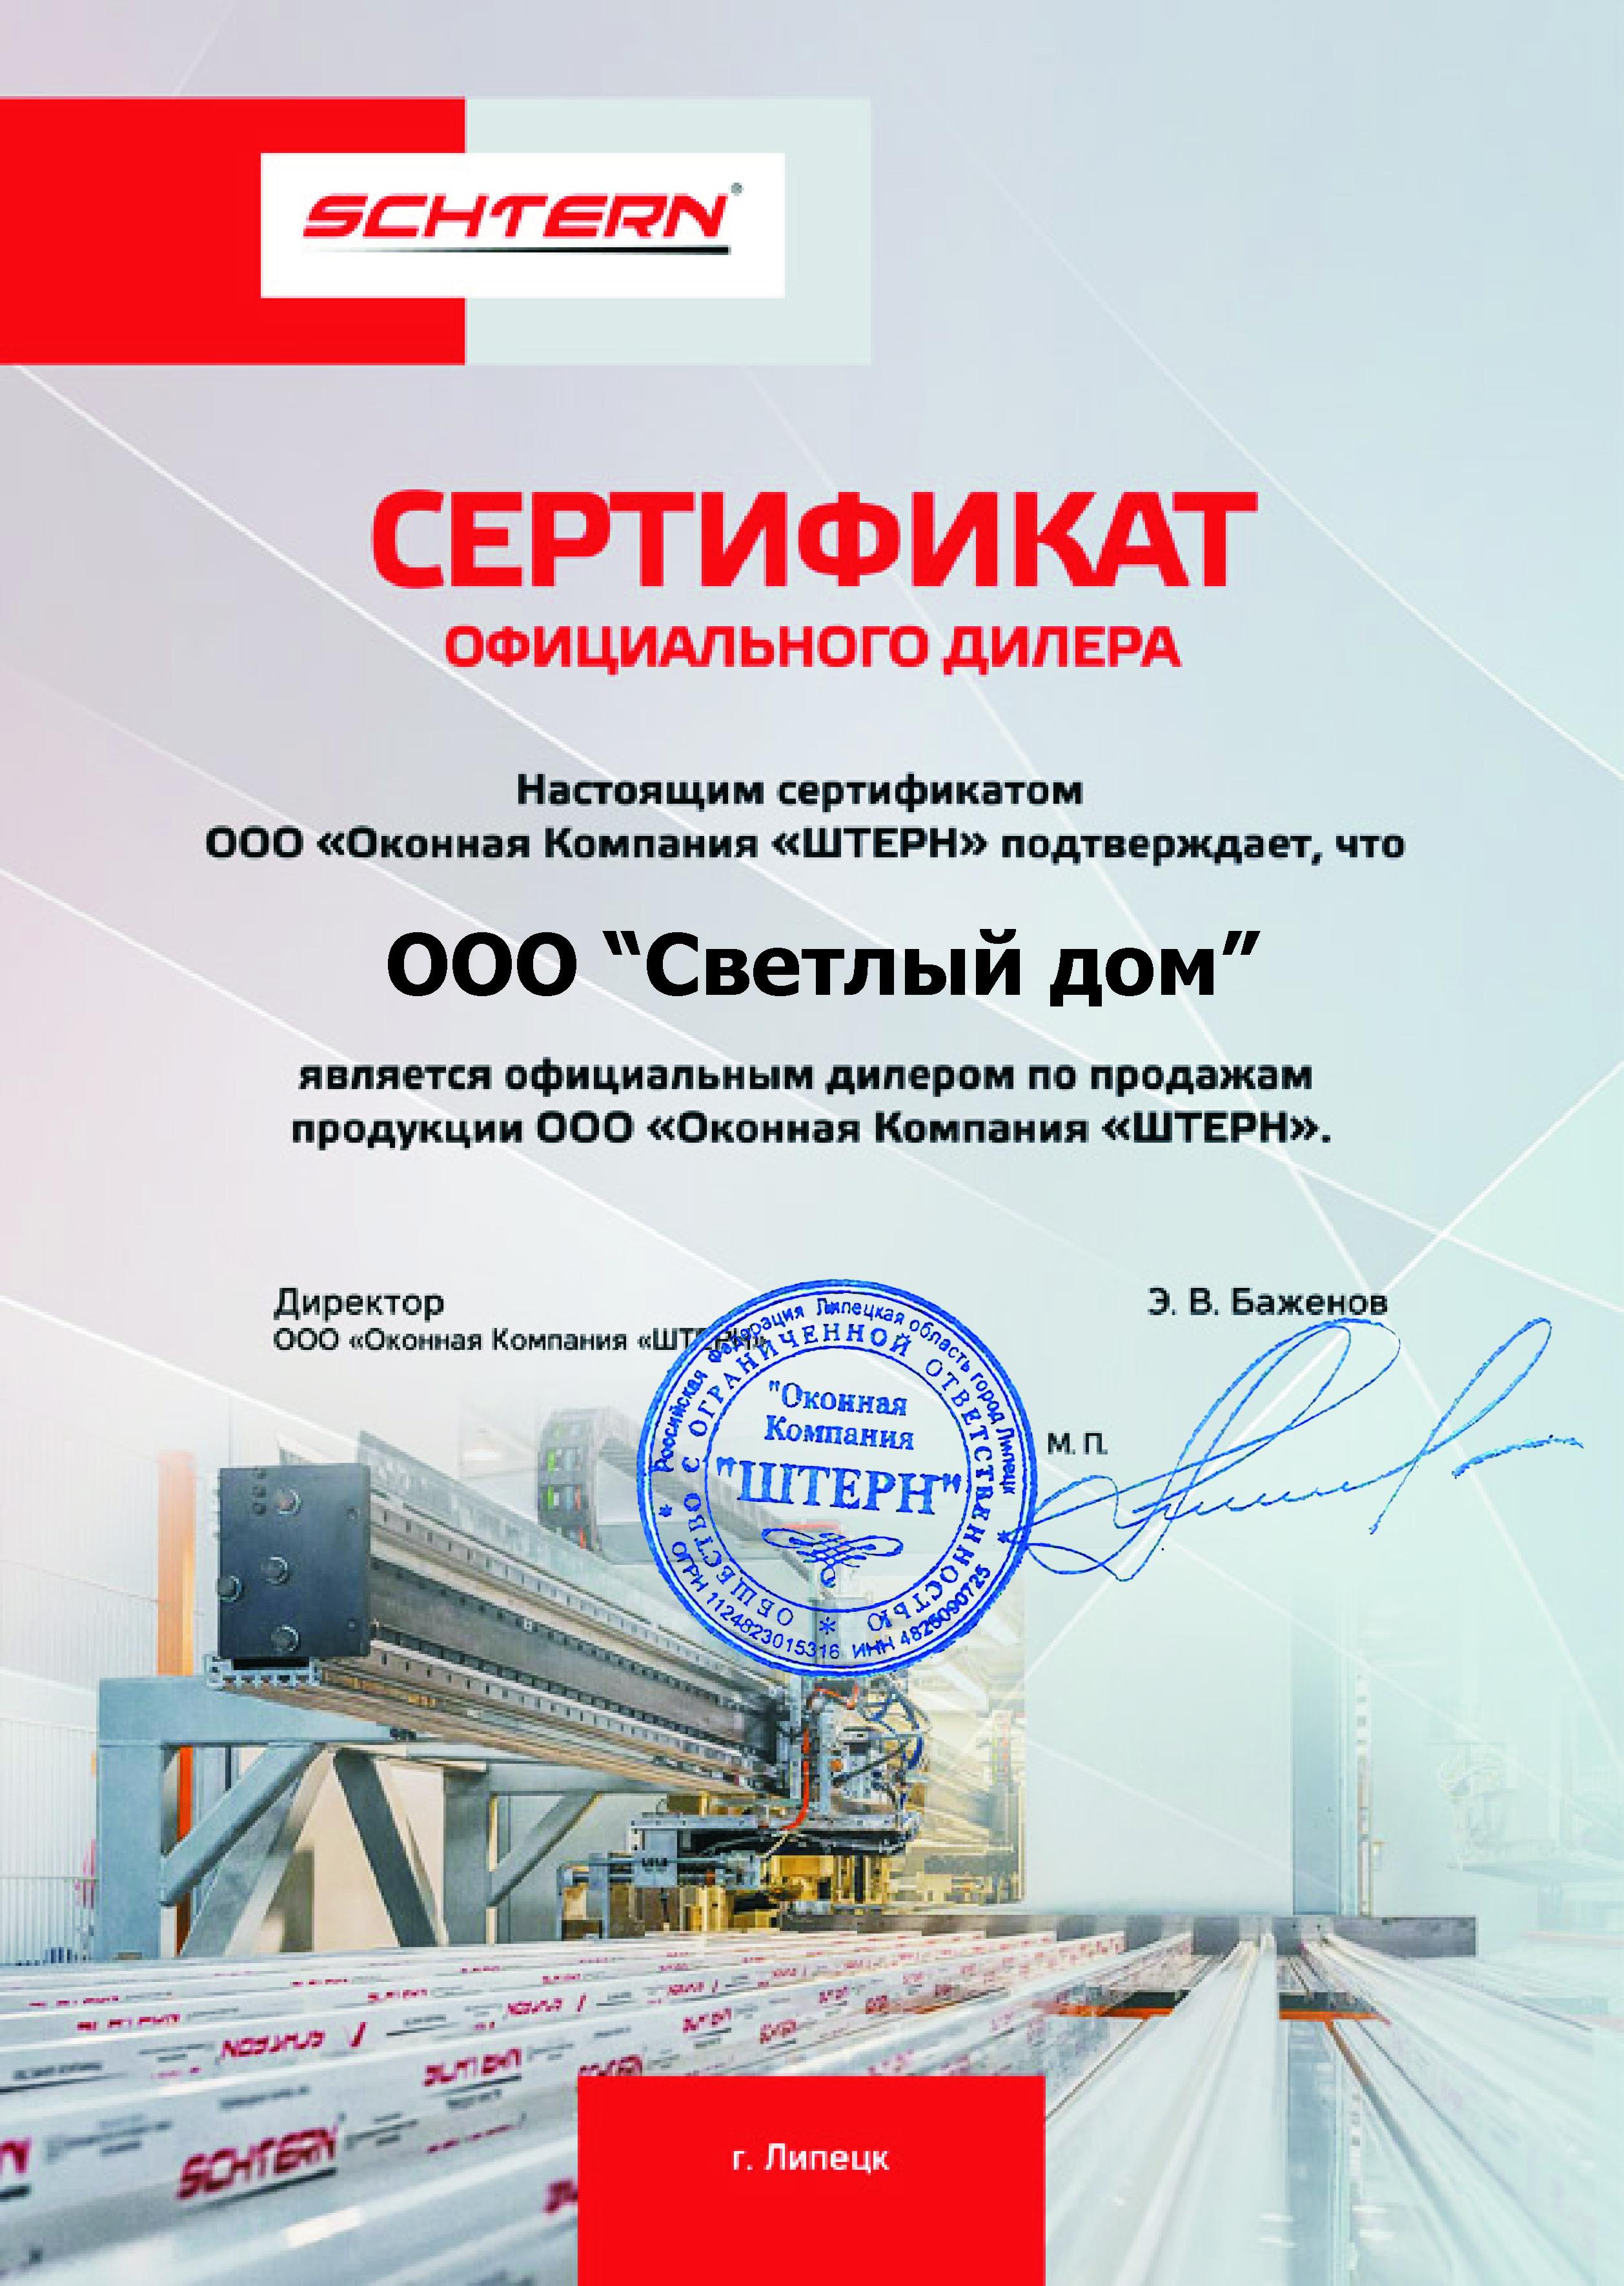 Сертификат Светлый Дом